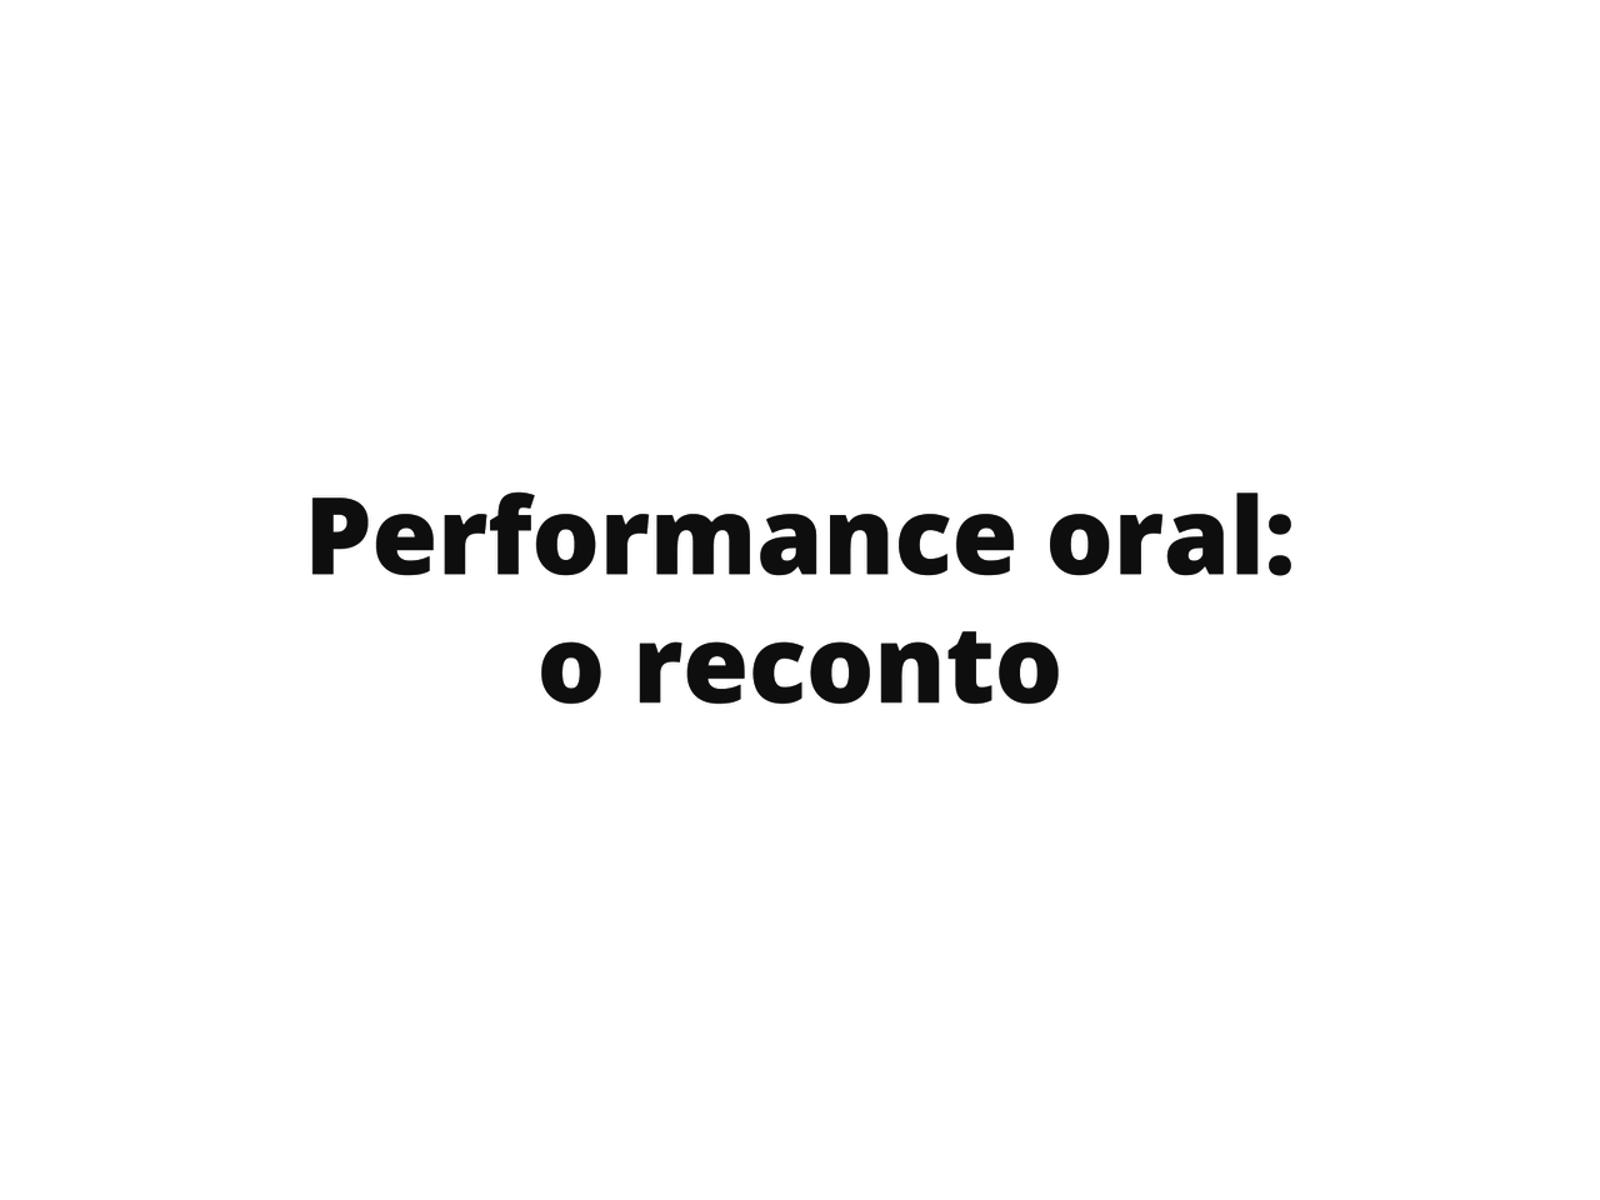 Performance oral com reconto